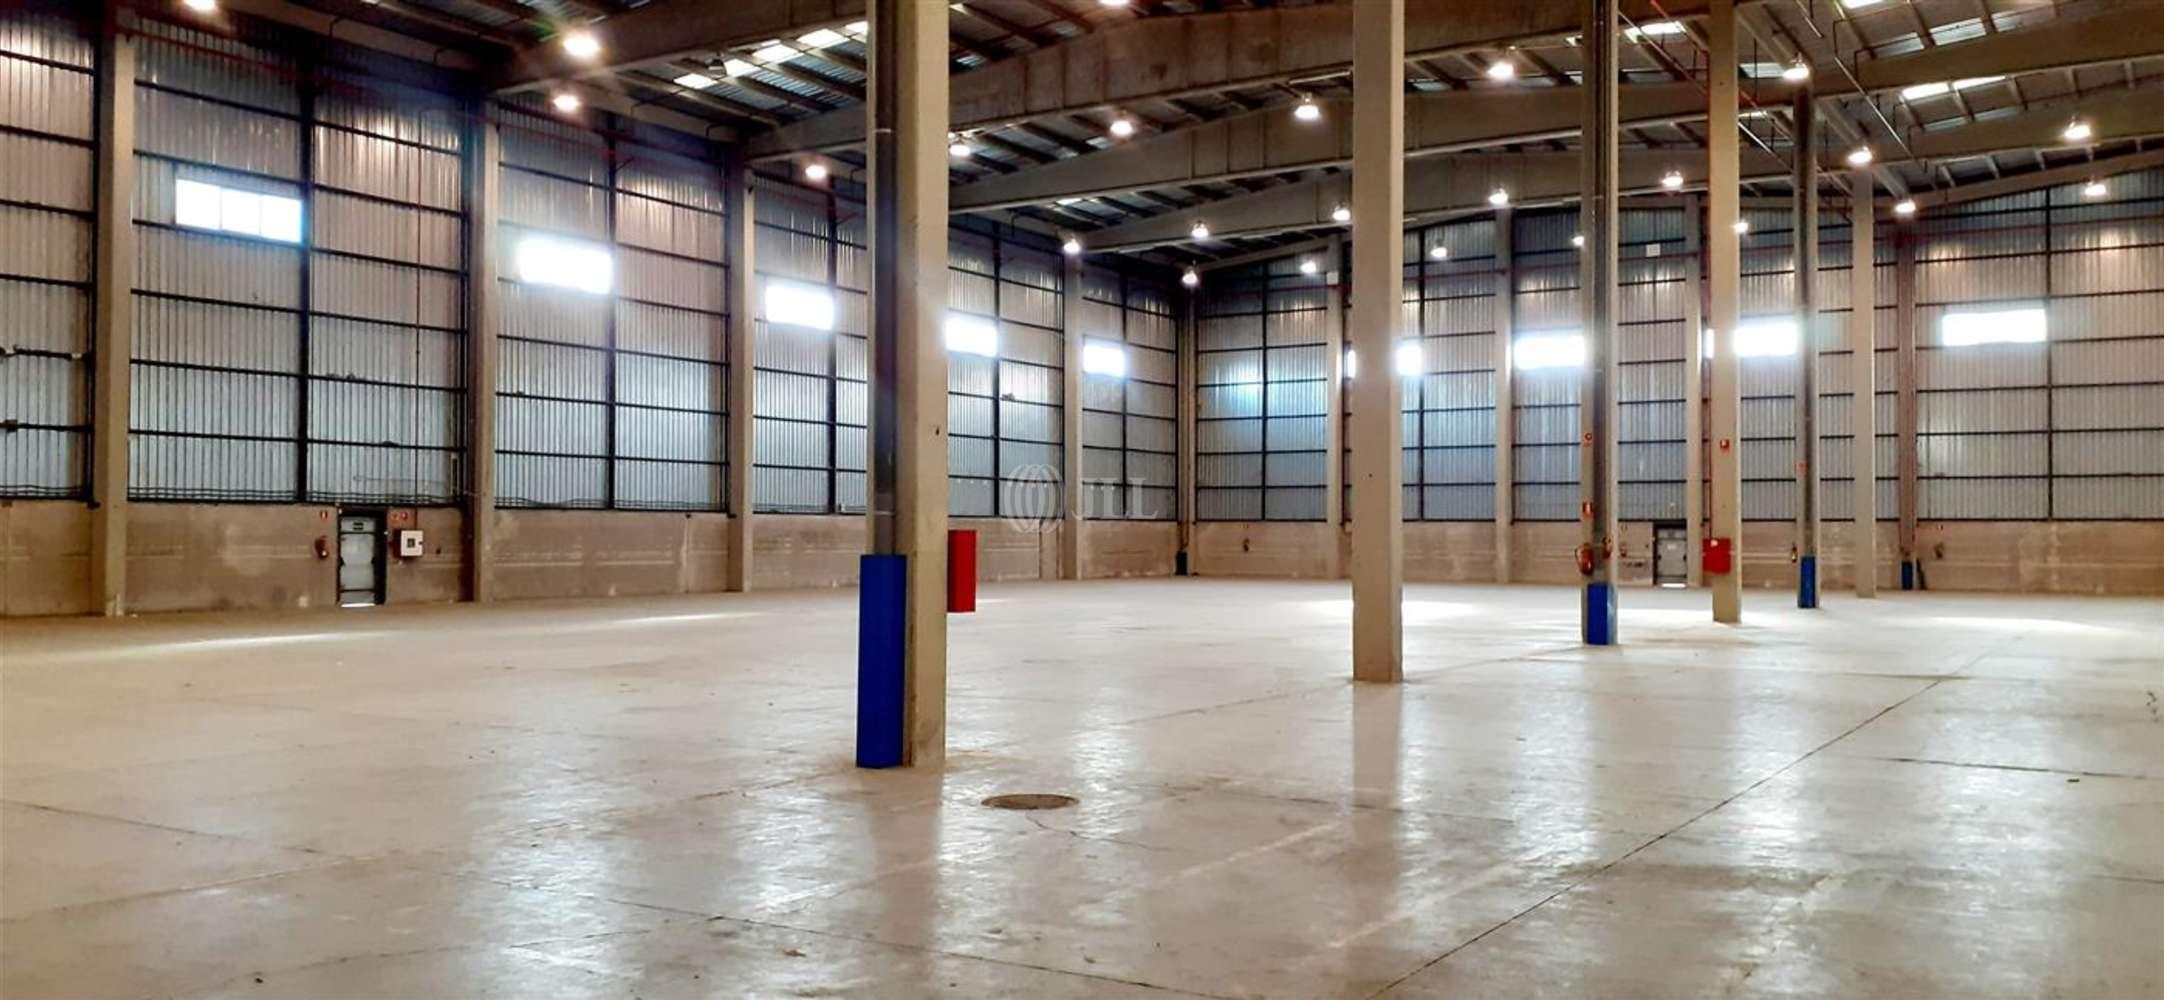 Naves industriales y logísticas Coslada, 28821 - Nave Logistica - M0396 NAVE LOGISTICA EN ALQUILER CTC COSLADA - 24240